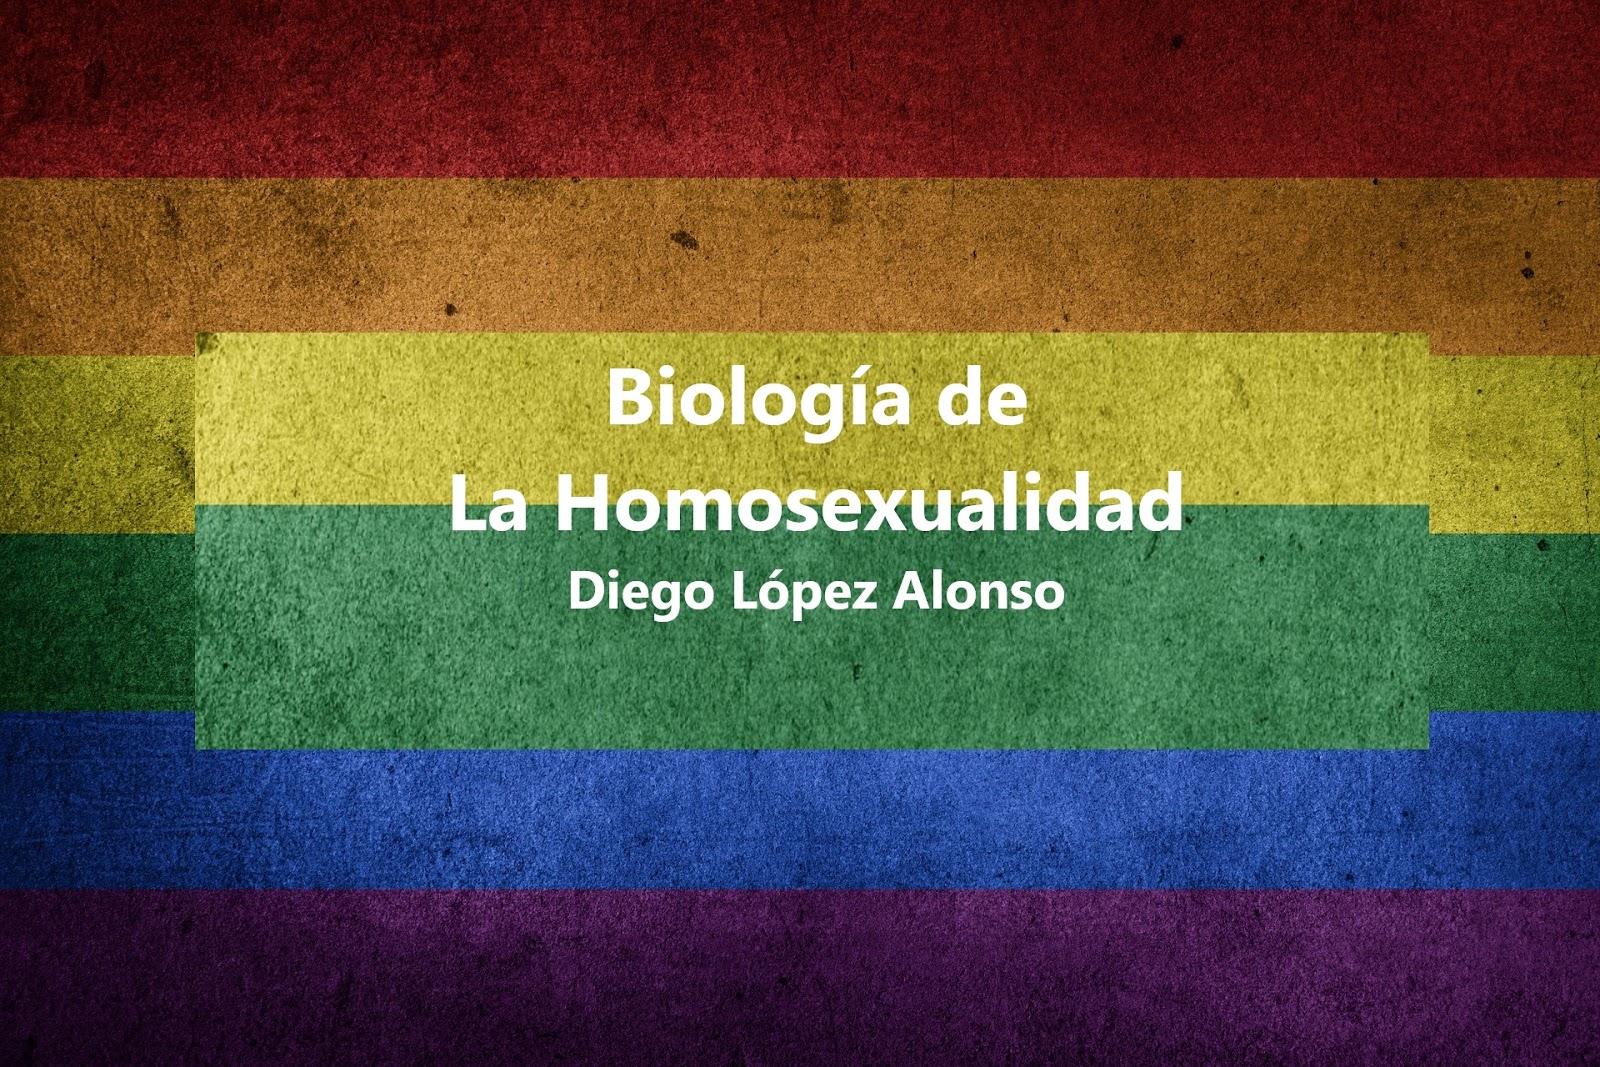 Biología de la homosexualidad. PDF